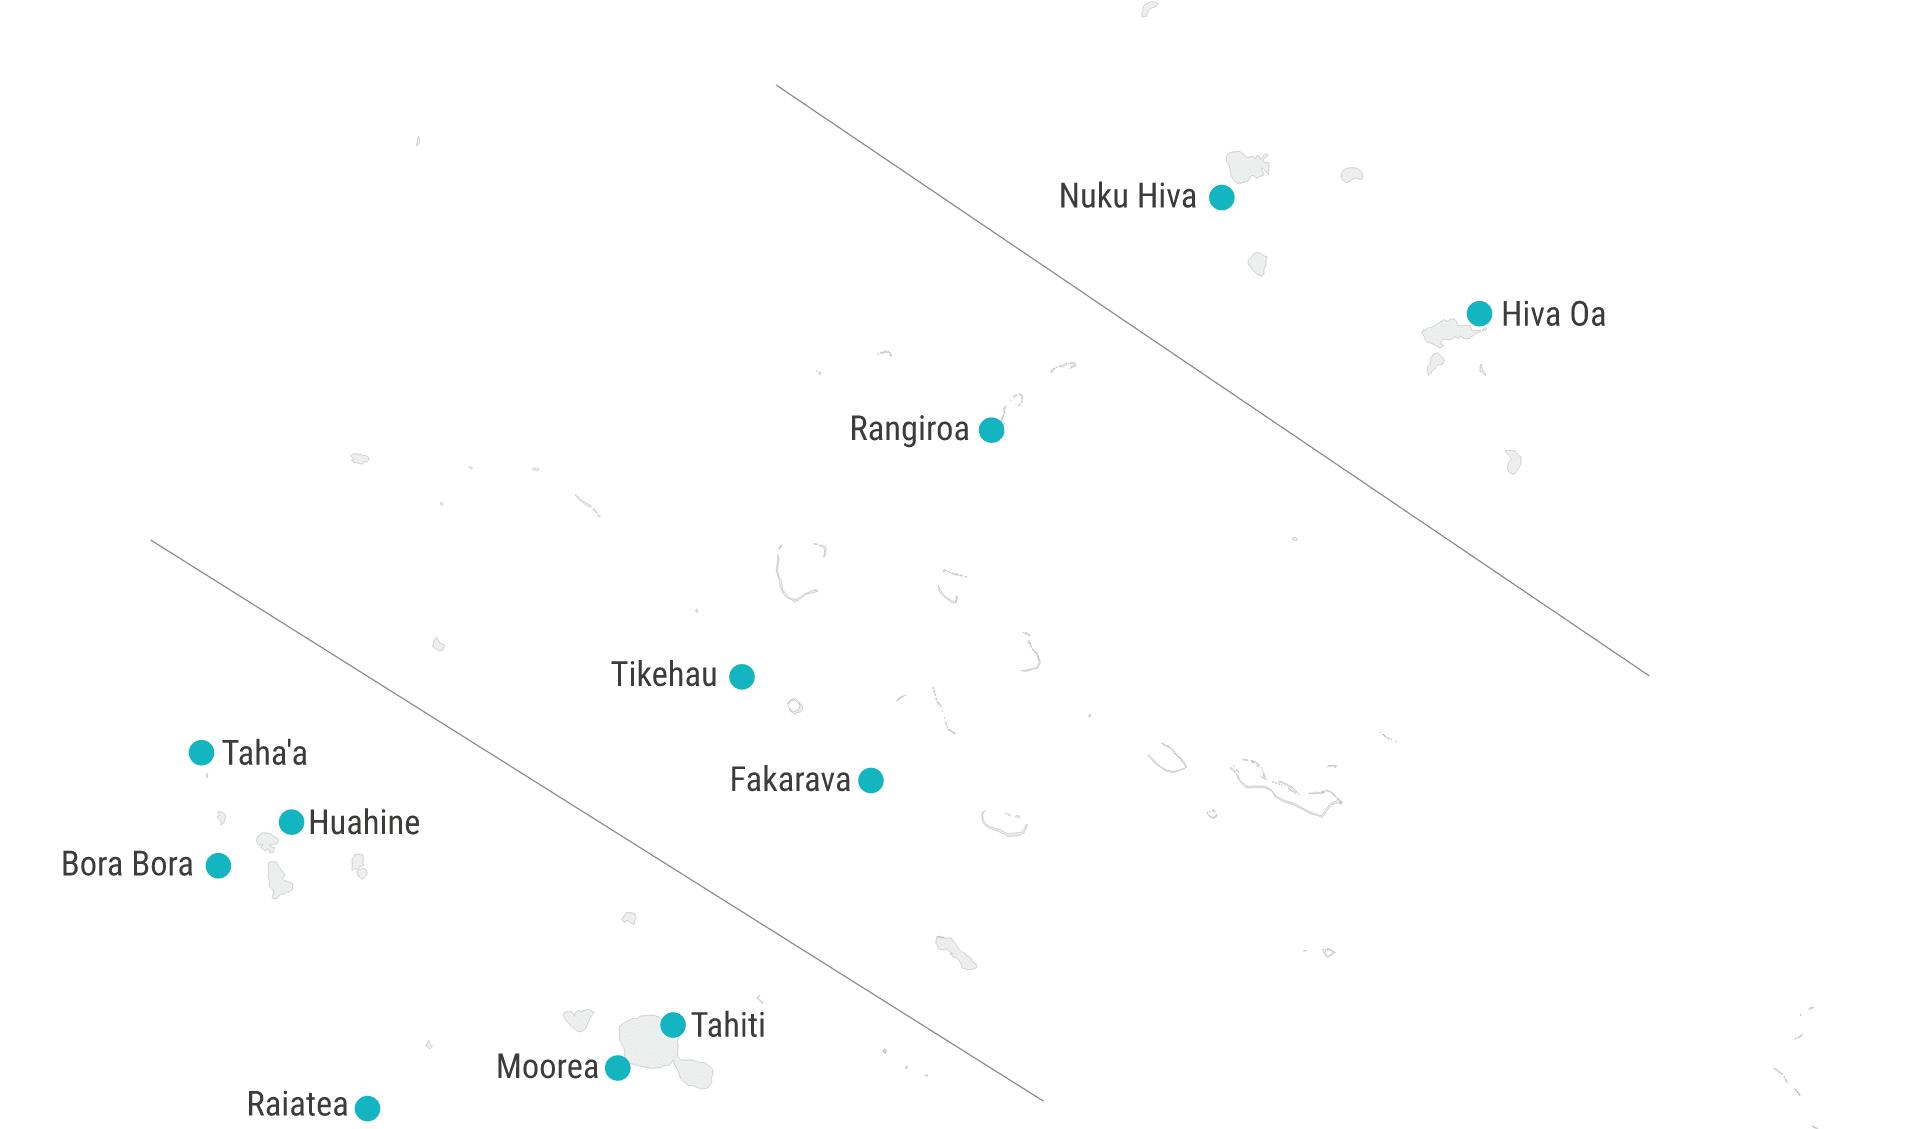 Karte Französisch Polynesien